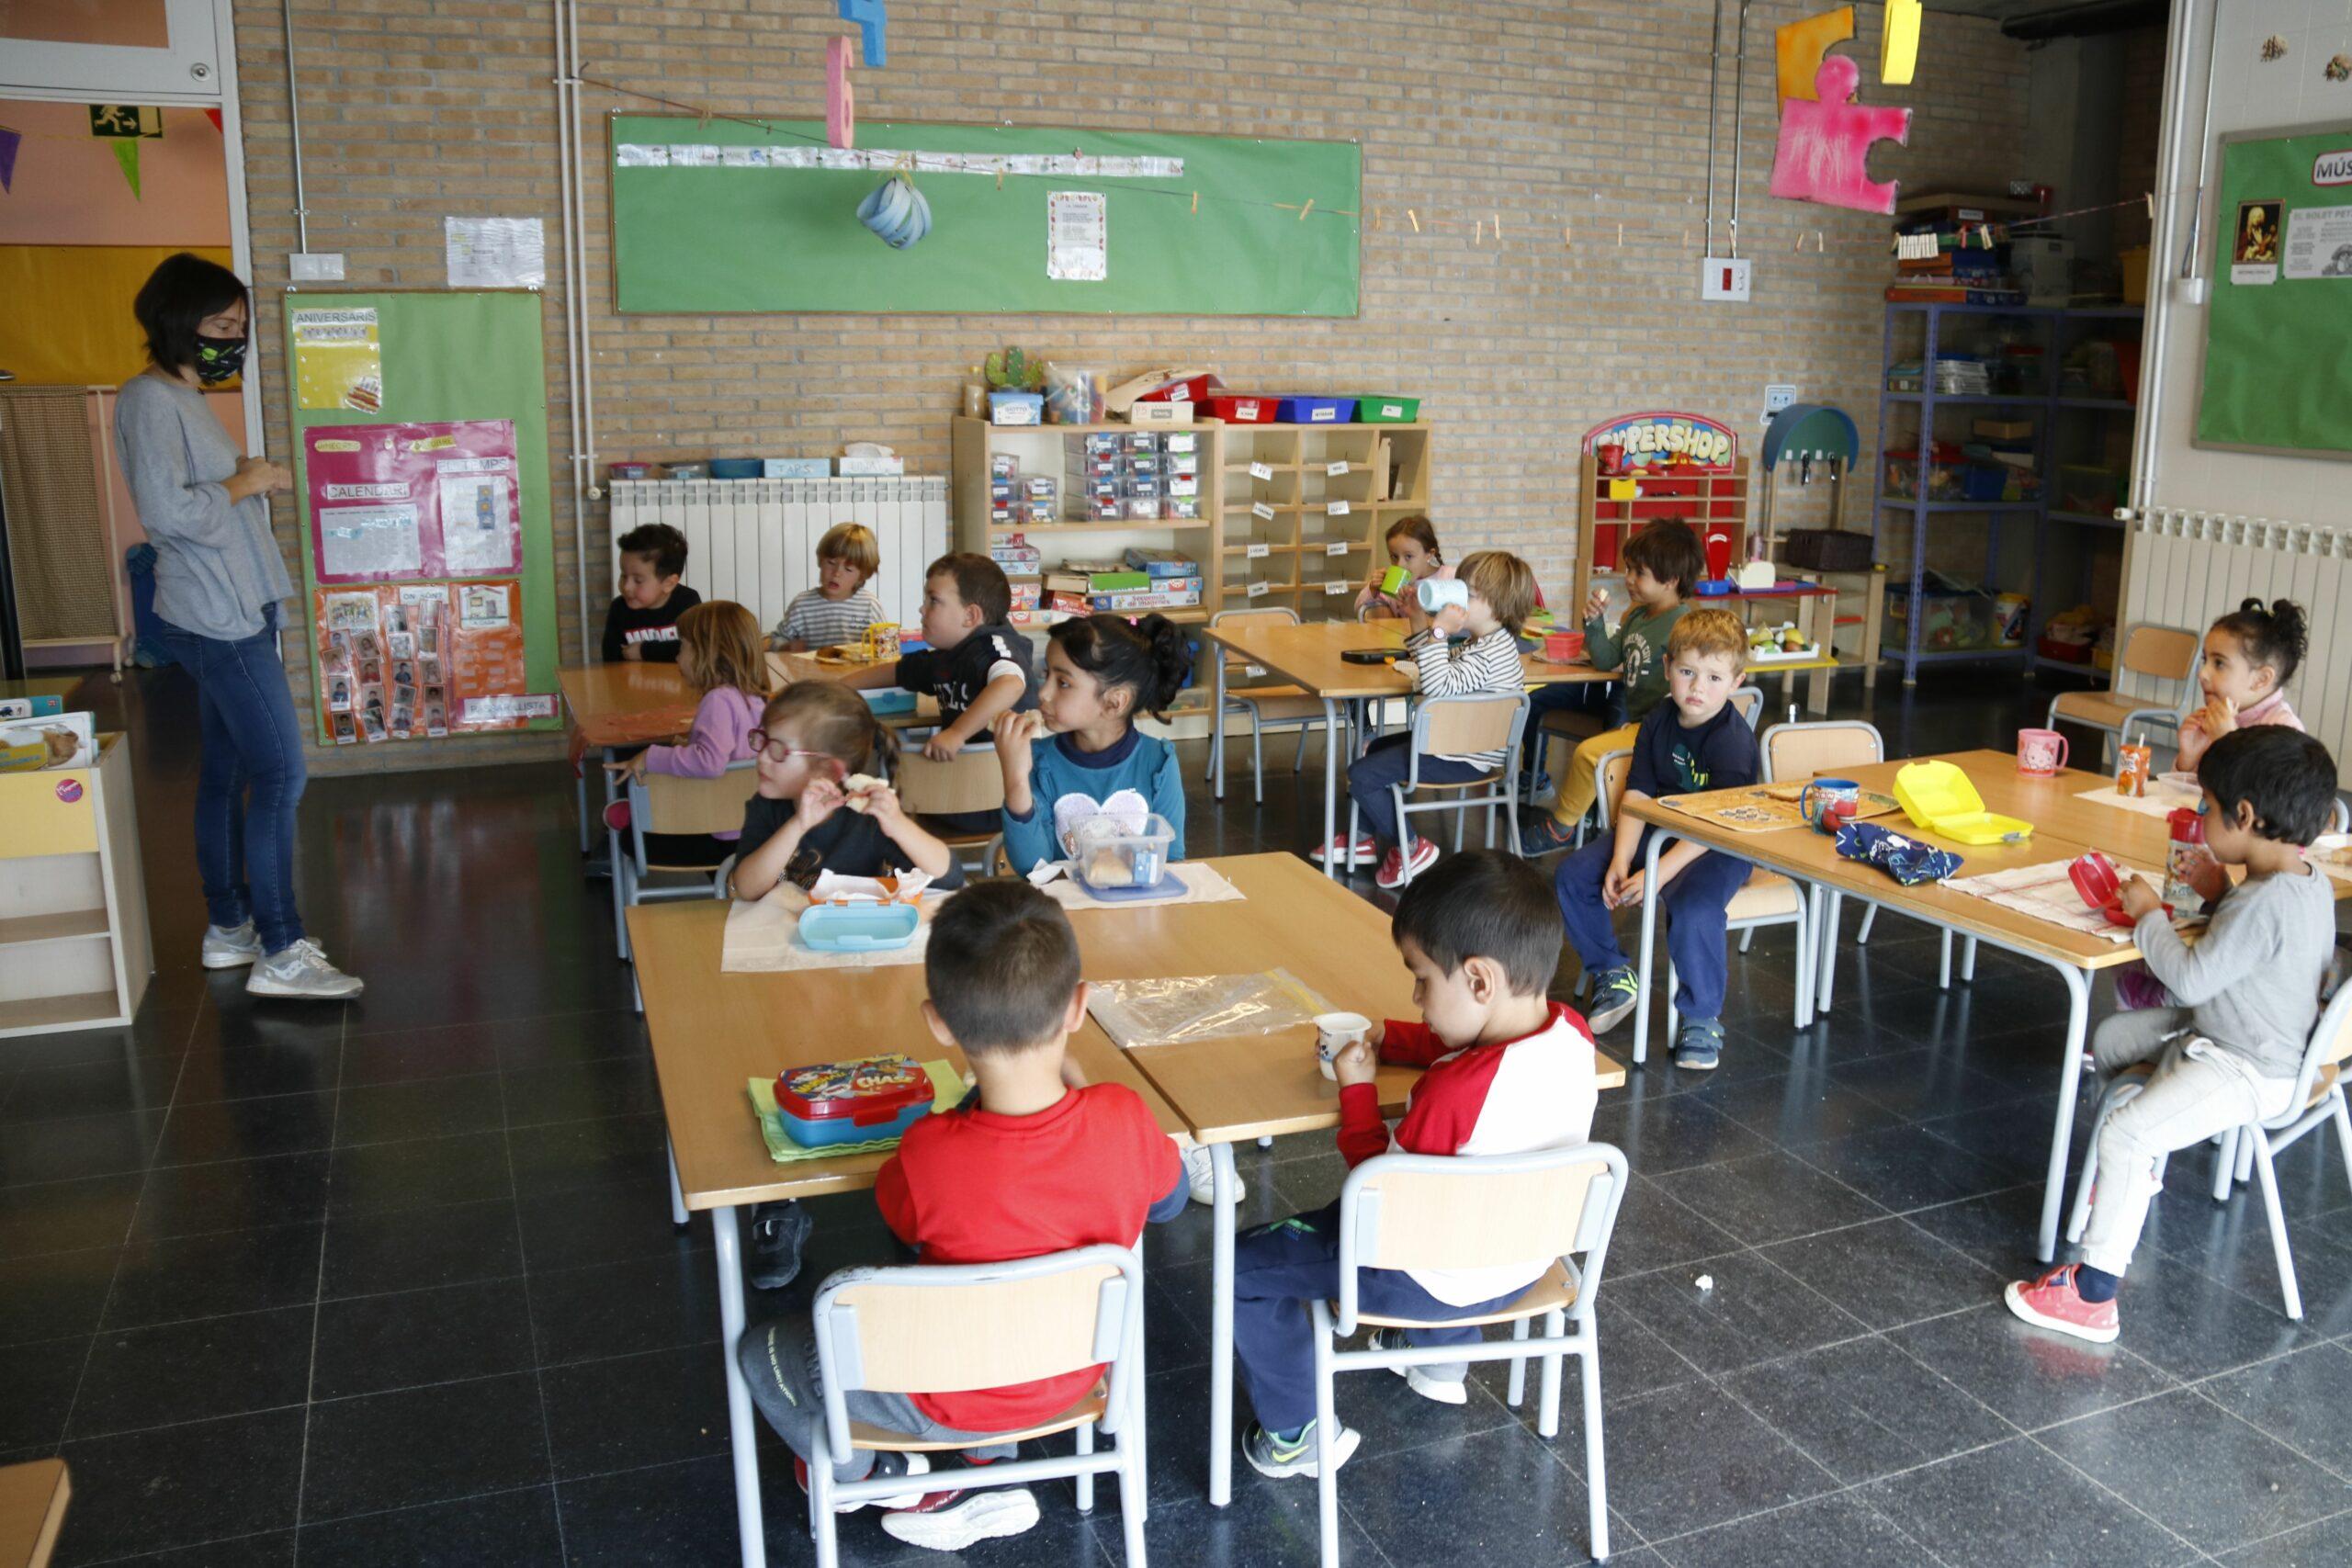 Pla general de nens de P4 asseguts a classe, a l'escola Cor de Roure de Santa Coloma de Queralt (Conca de Barber?)